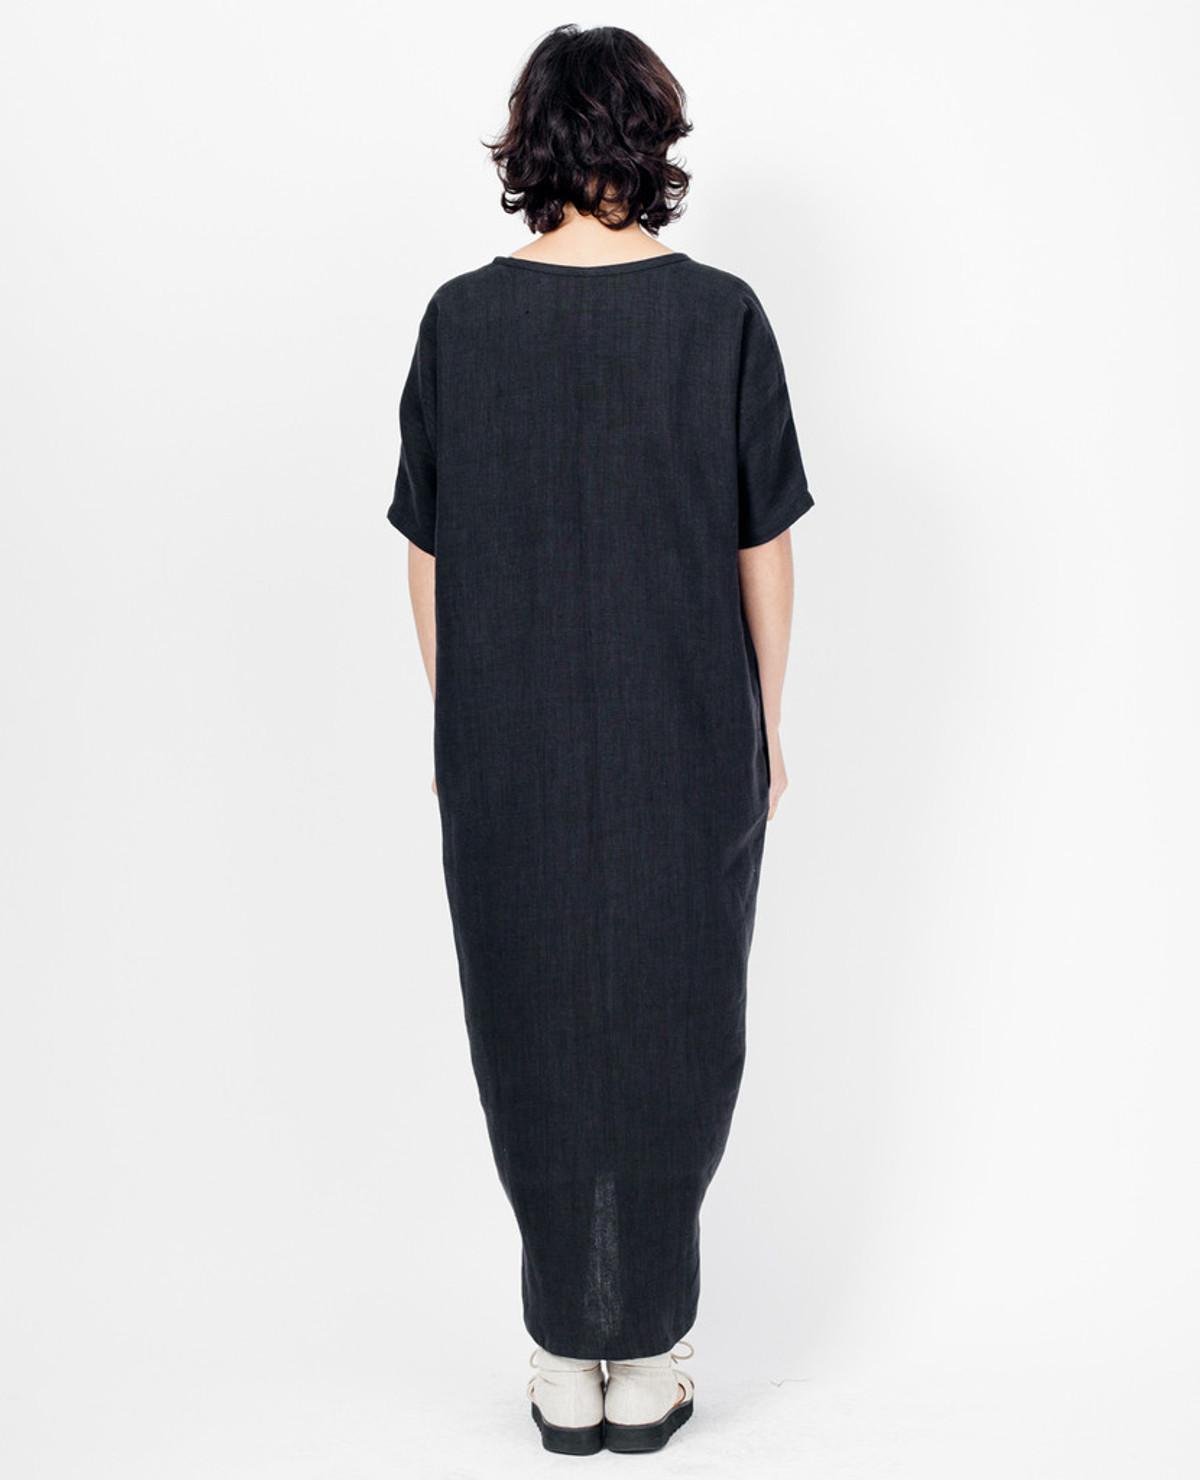 Asta Dress - Black Linen